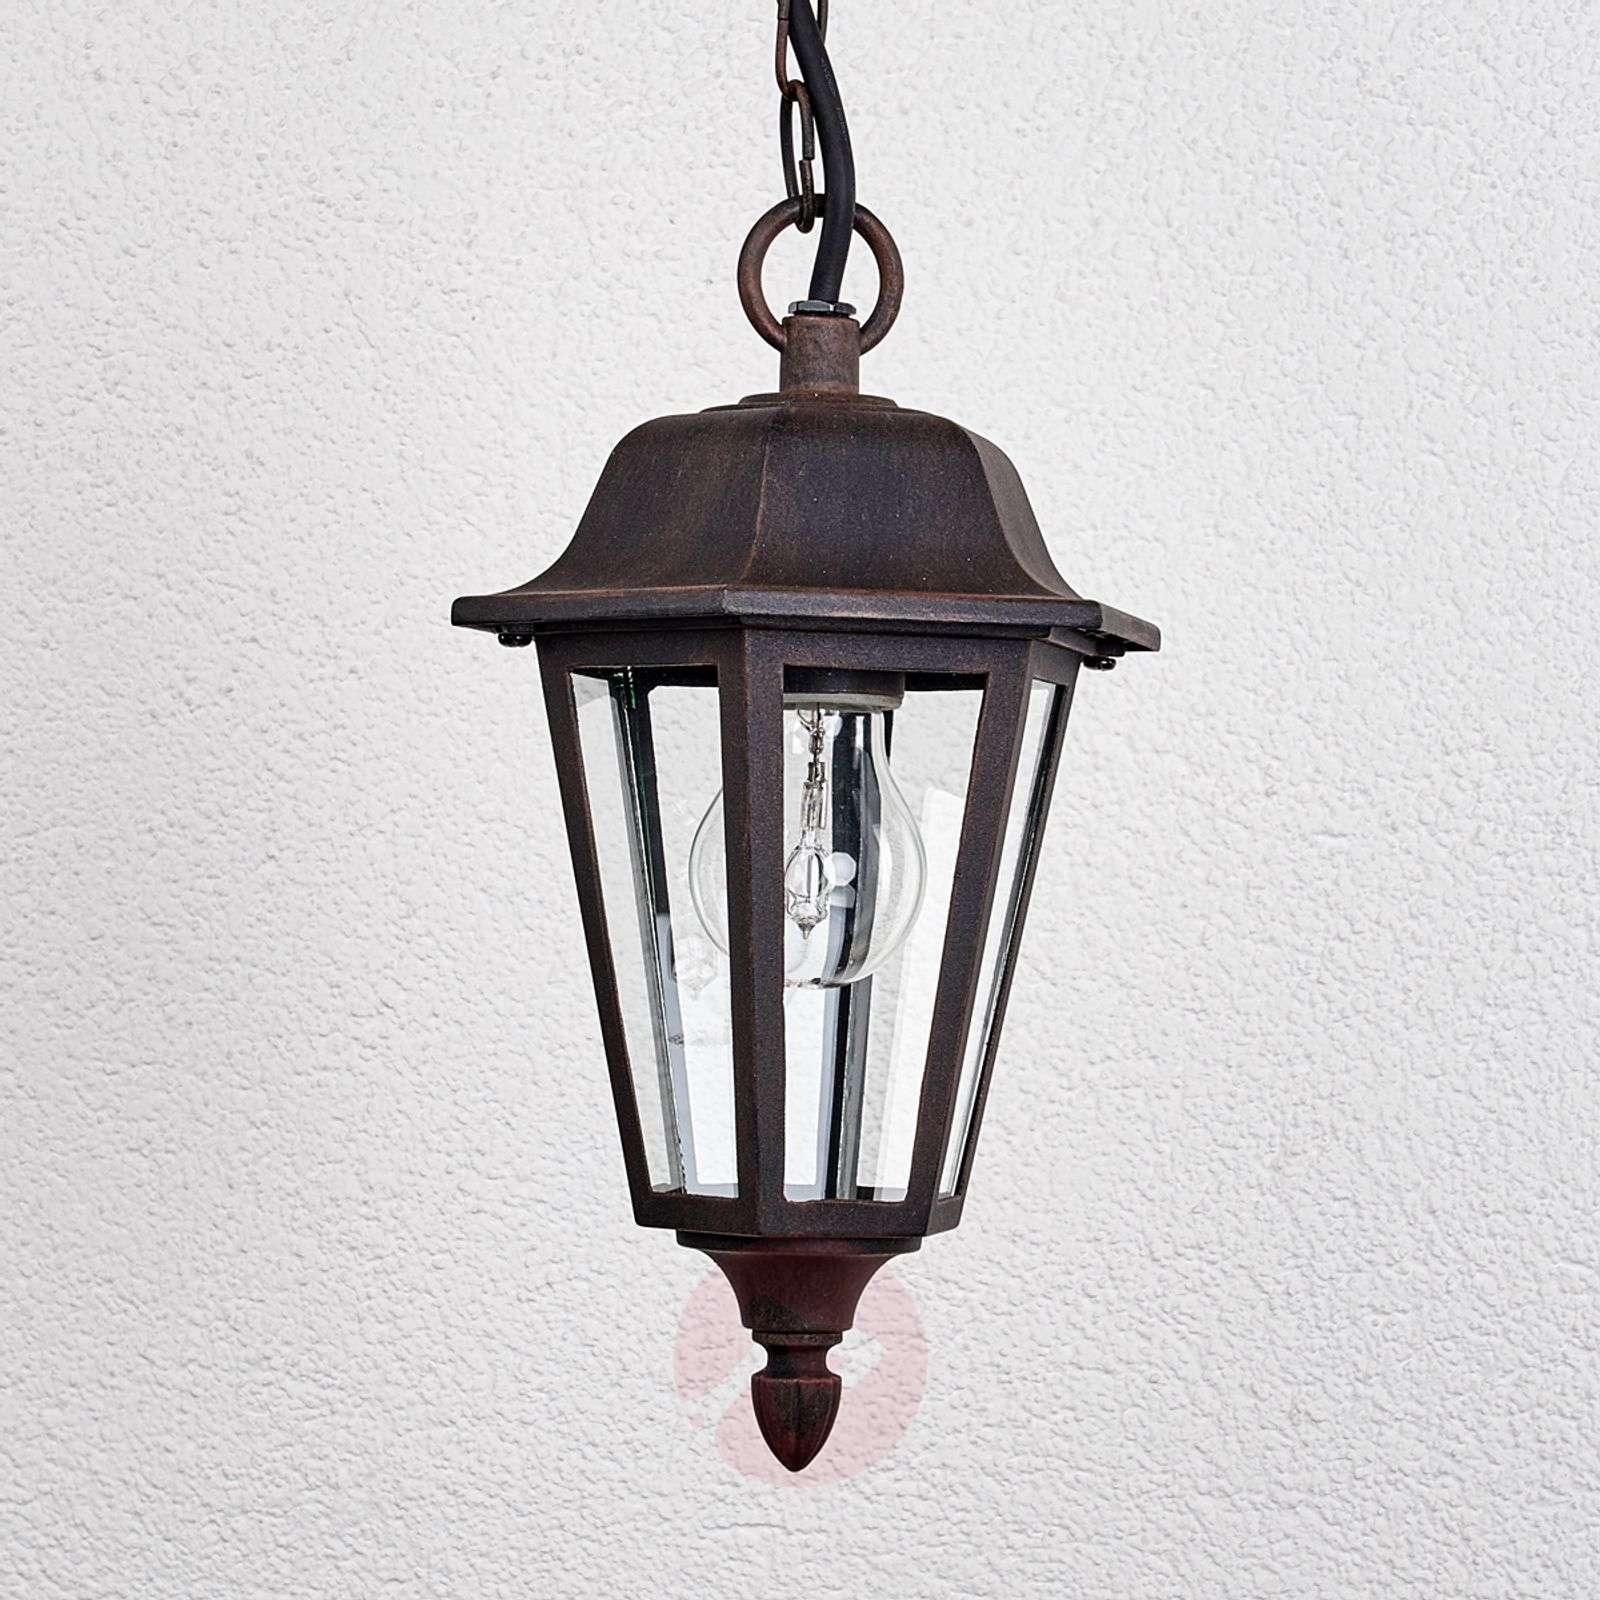 Outdoor hanging light Lamina in lantern form-9630056-01